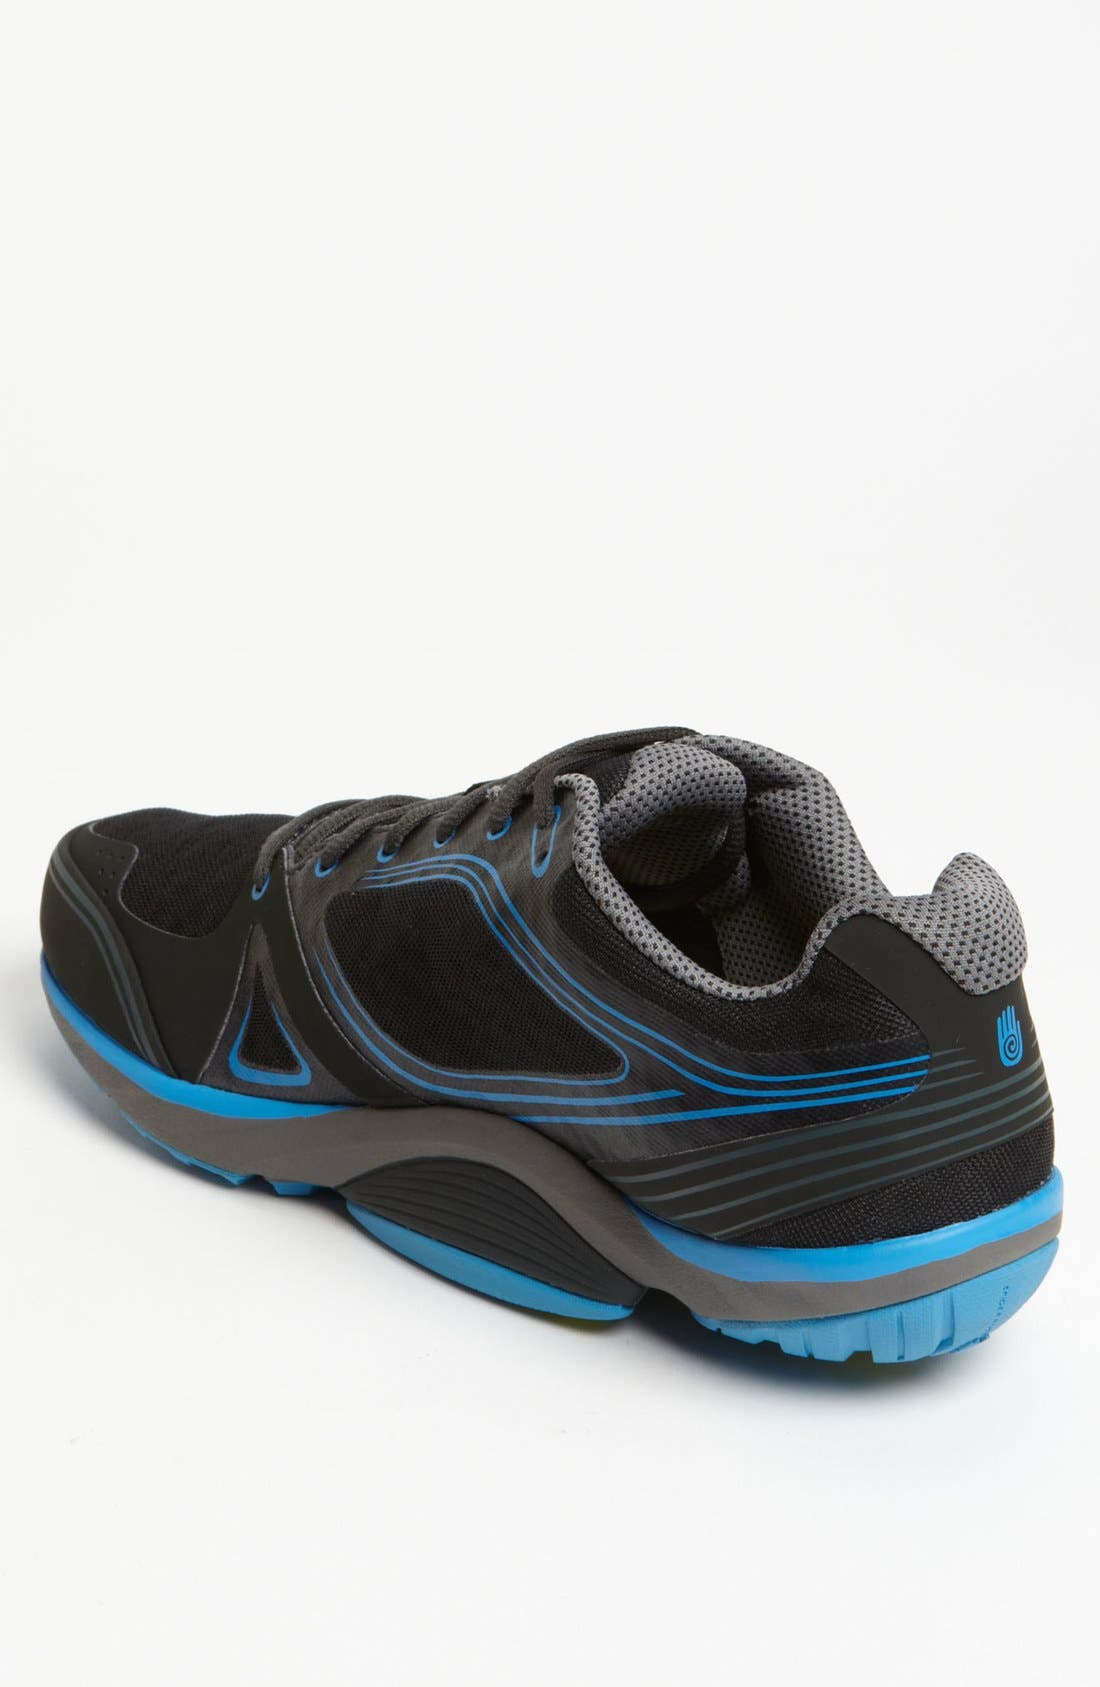 Alternate Image 2  - Teva 'TevaSphere Speed' Trail Running Shoe (Men)